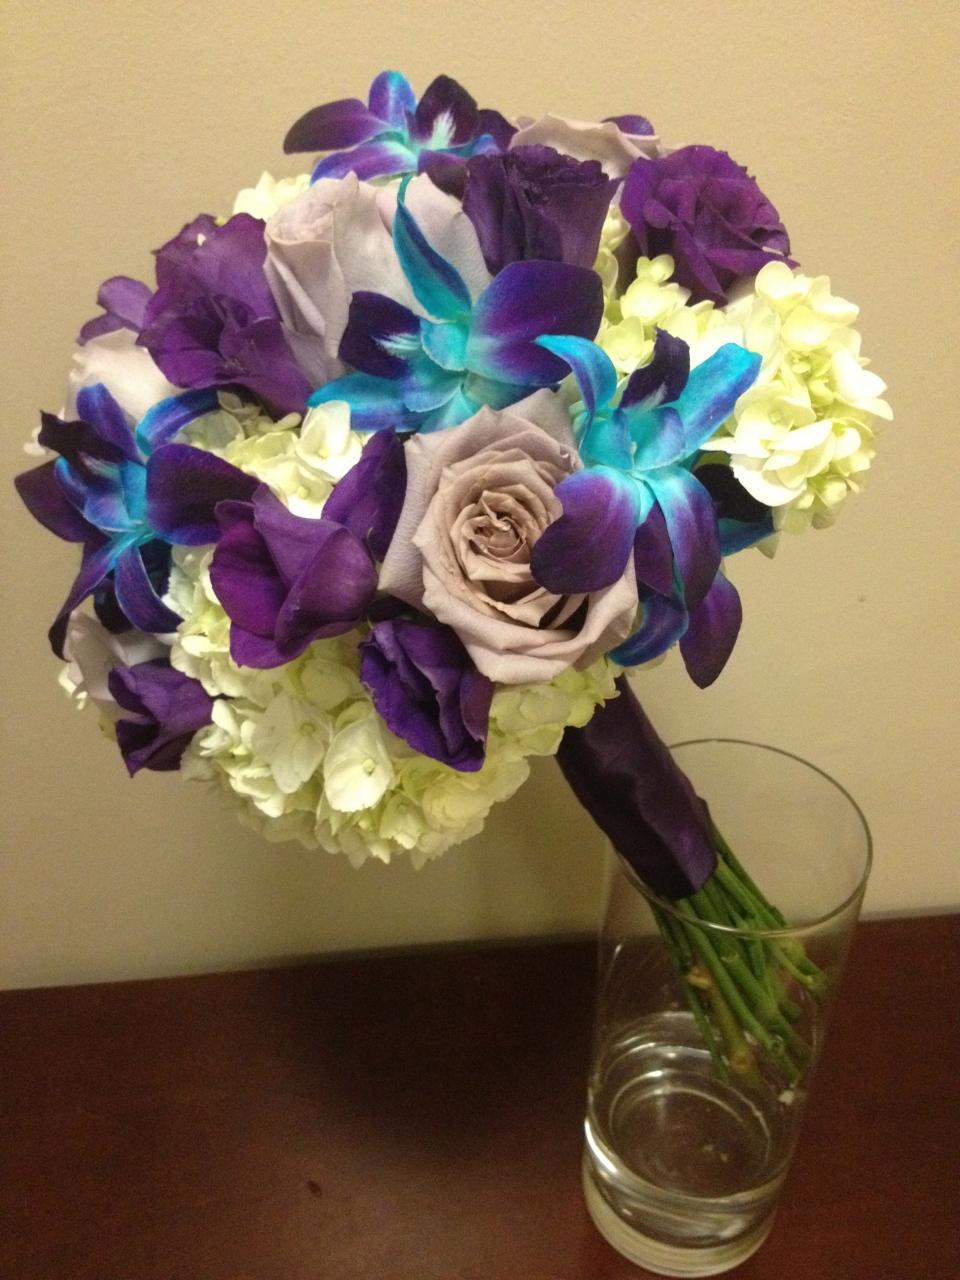 Bridesmaids bouquet of hydrangea, roses, lisianthis & dendrobium orchids.